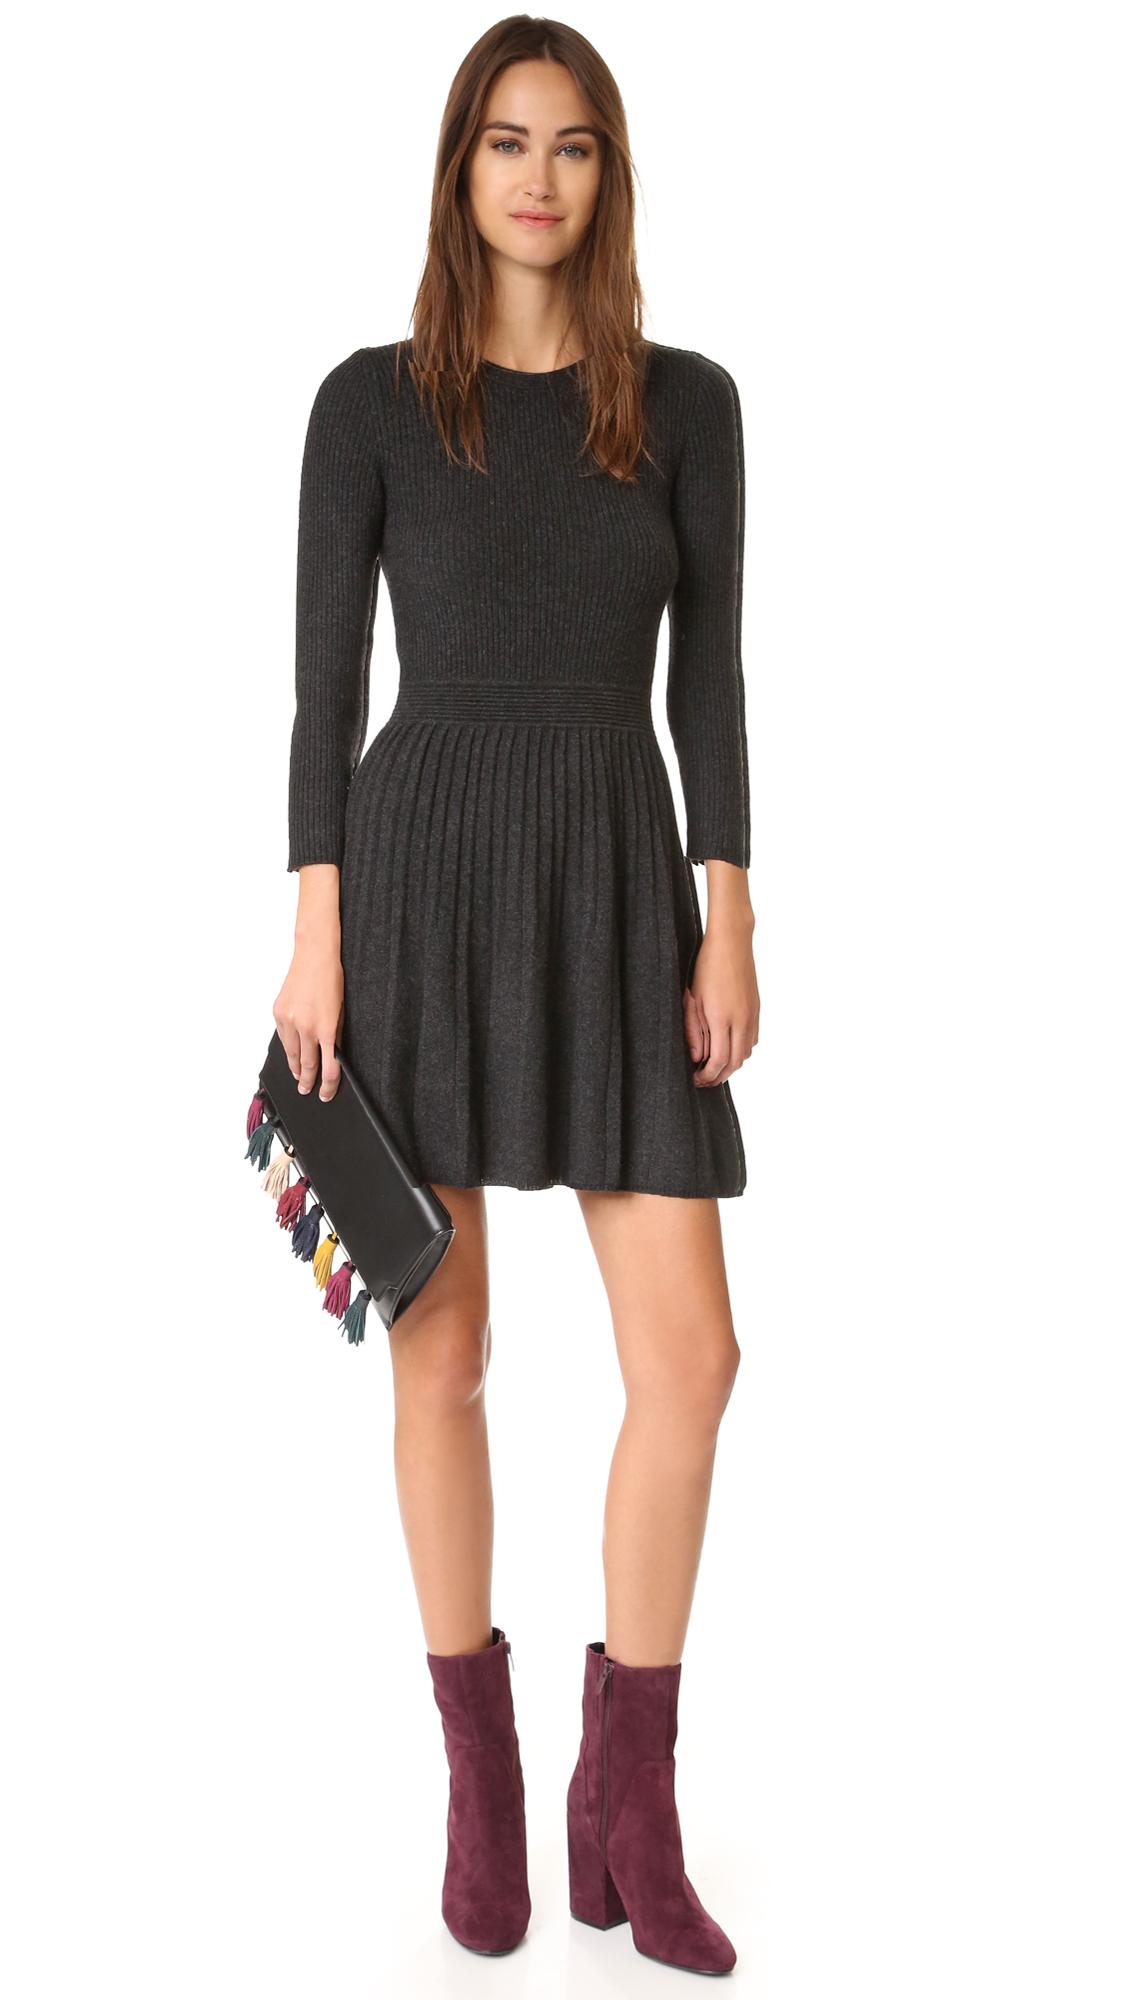 182c246fd8 Joie Peronne Sweater Dress